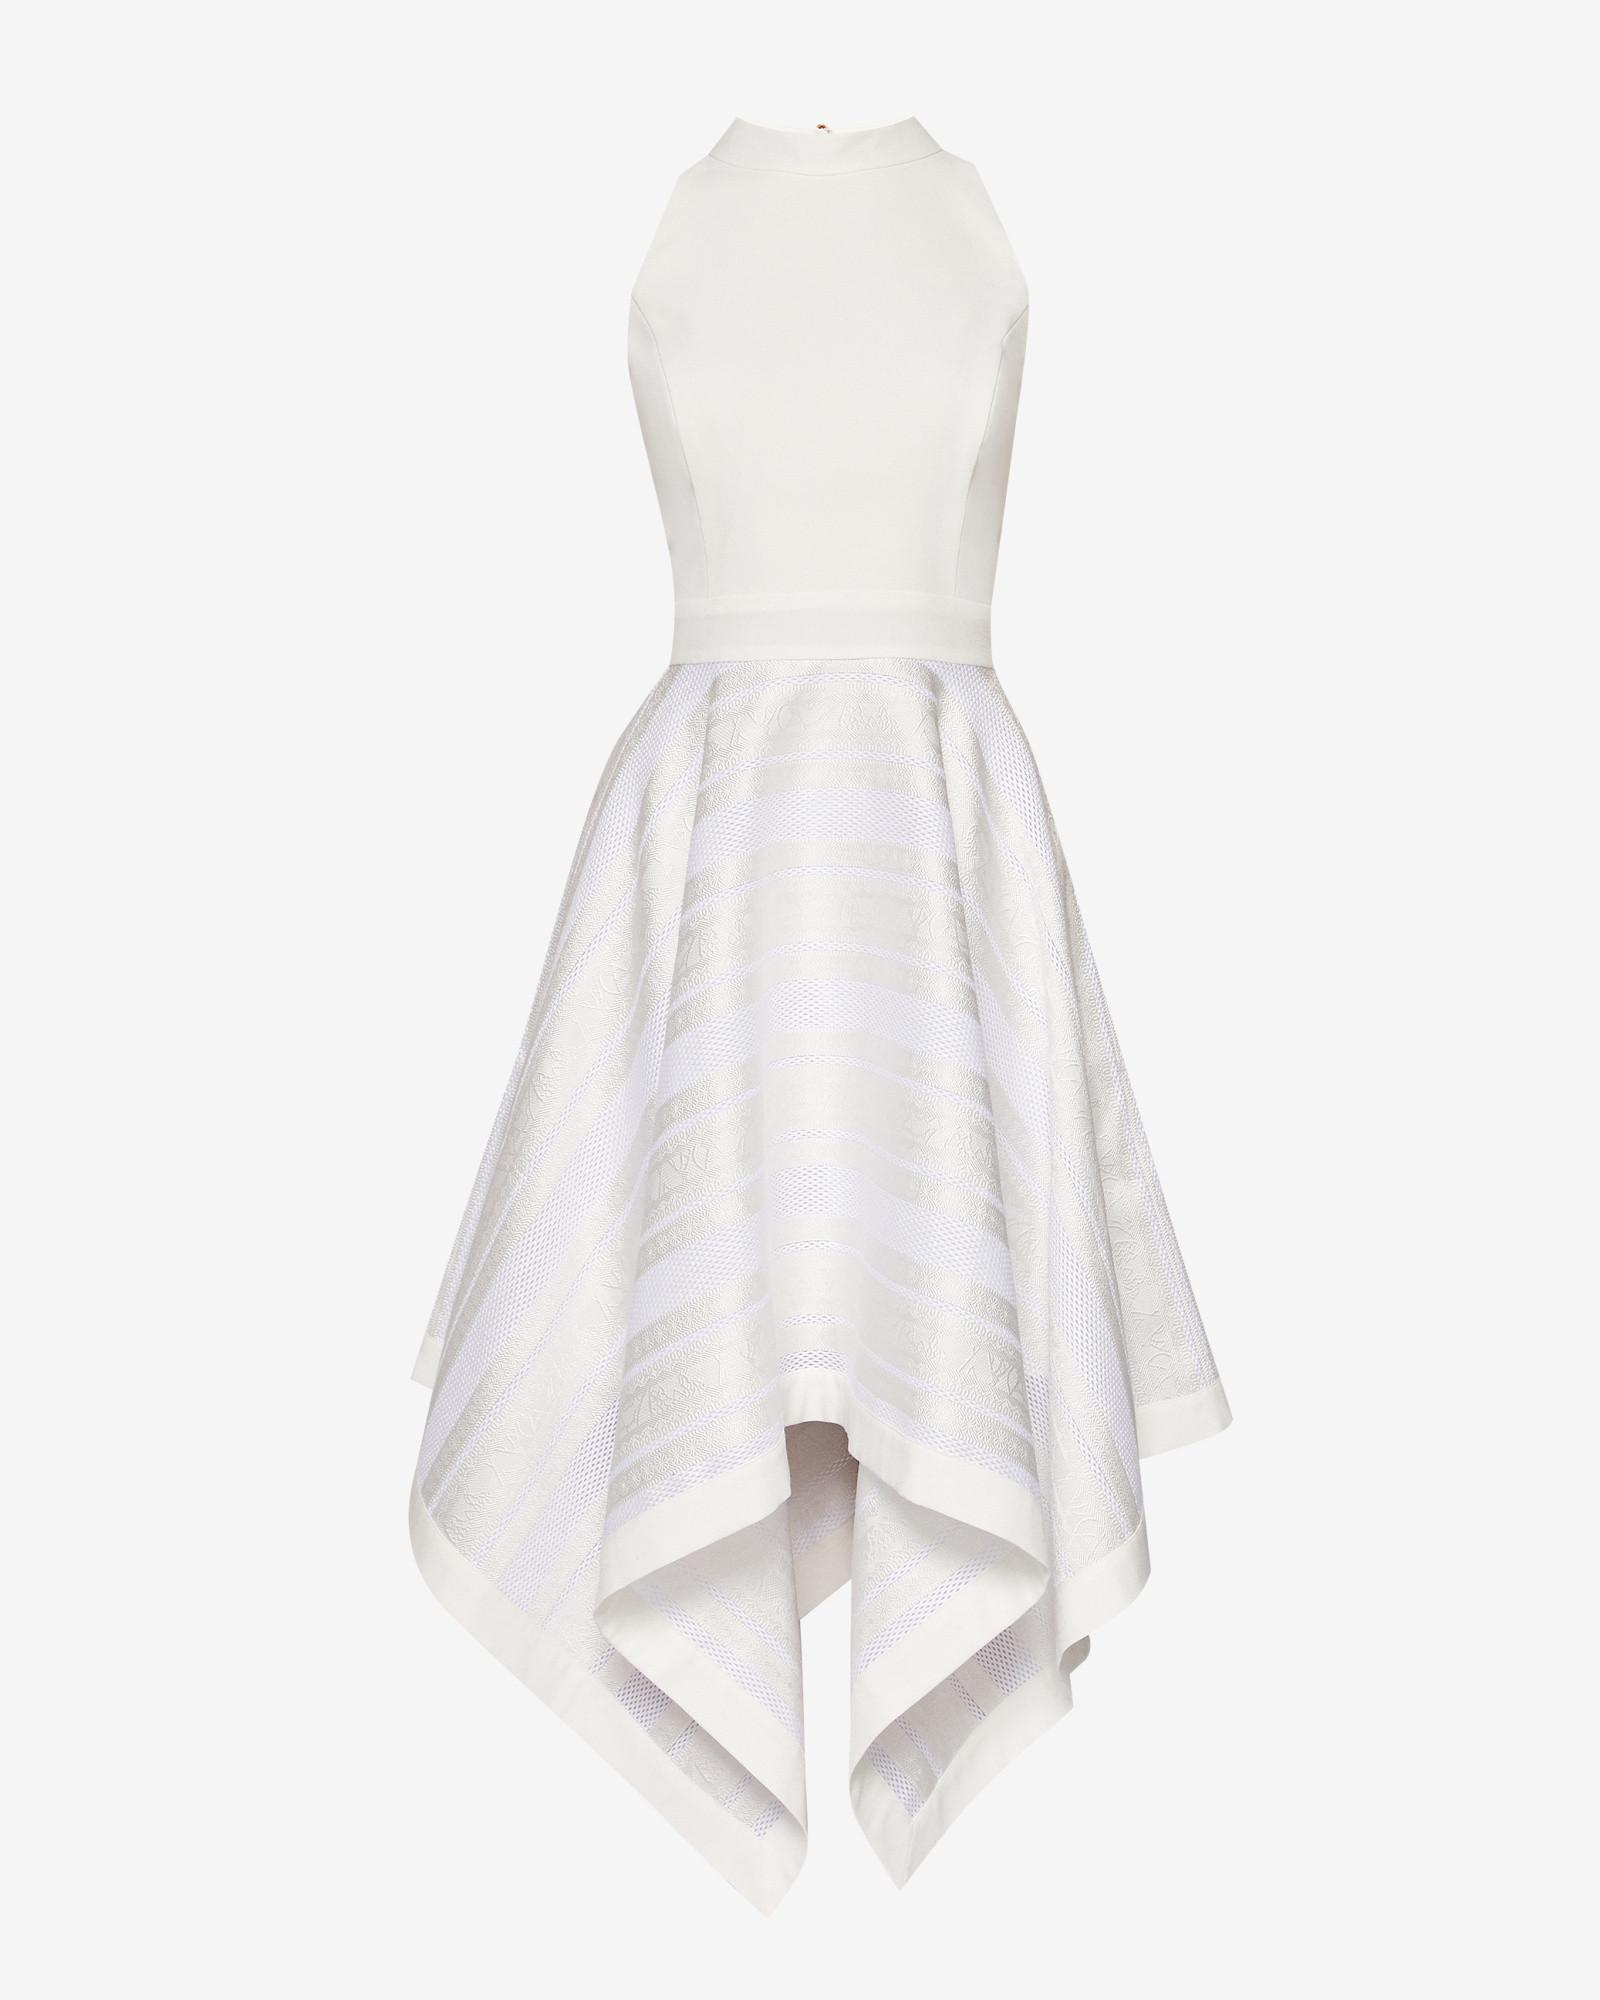 debb46a62fe1a Lyst - Ted Baker Draped Skirt Dress in White